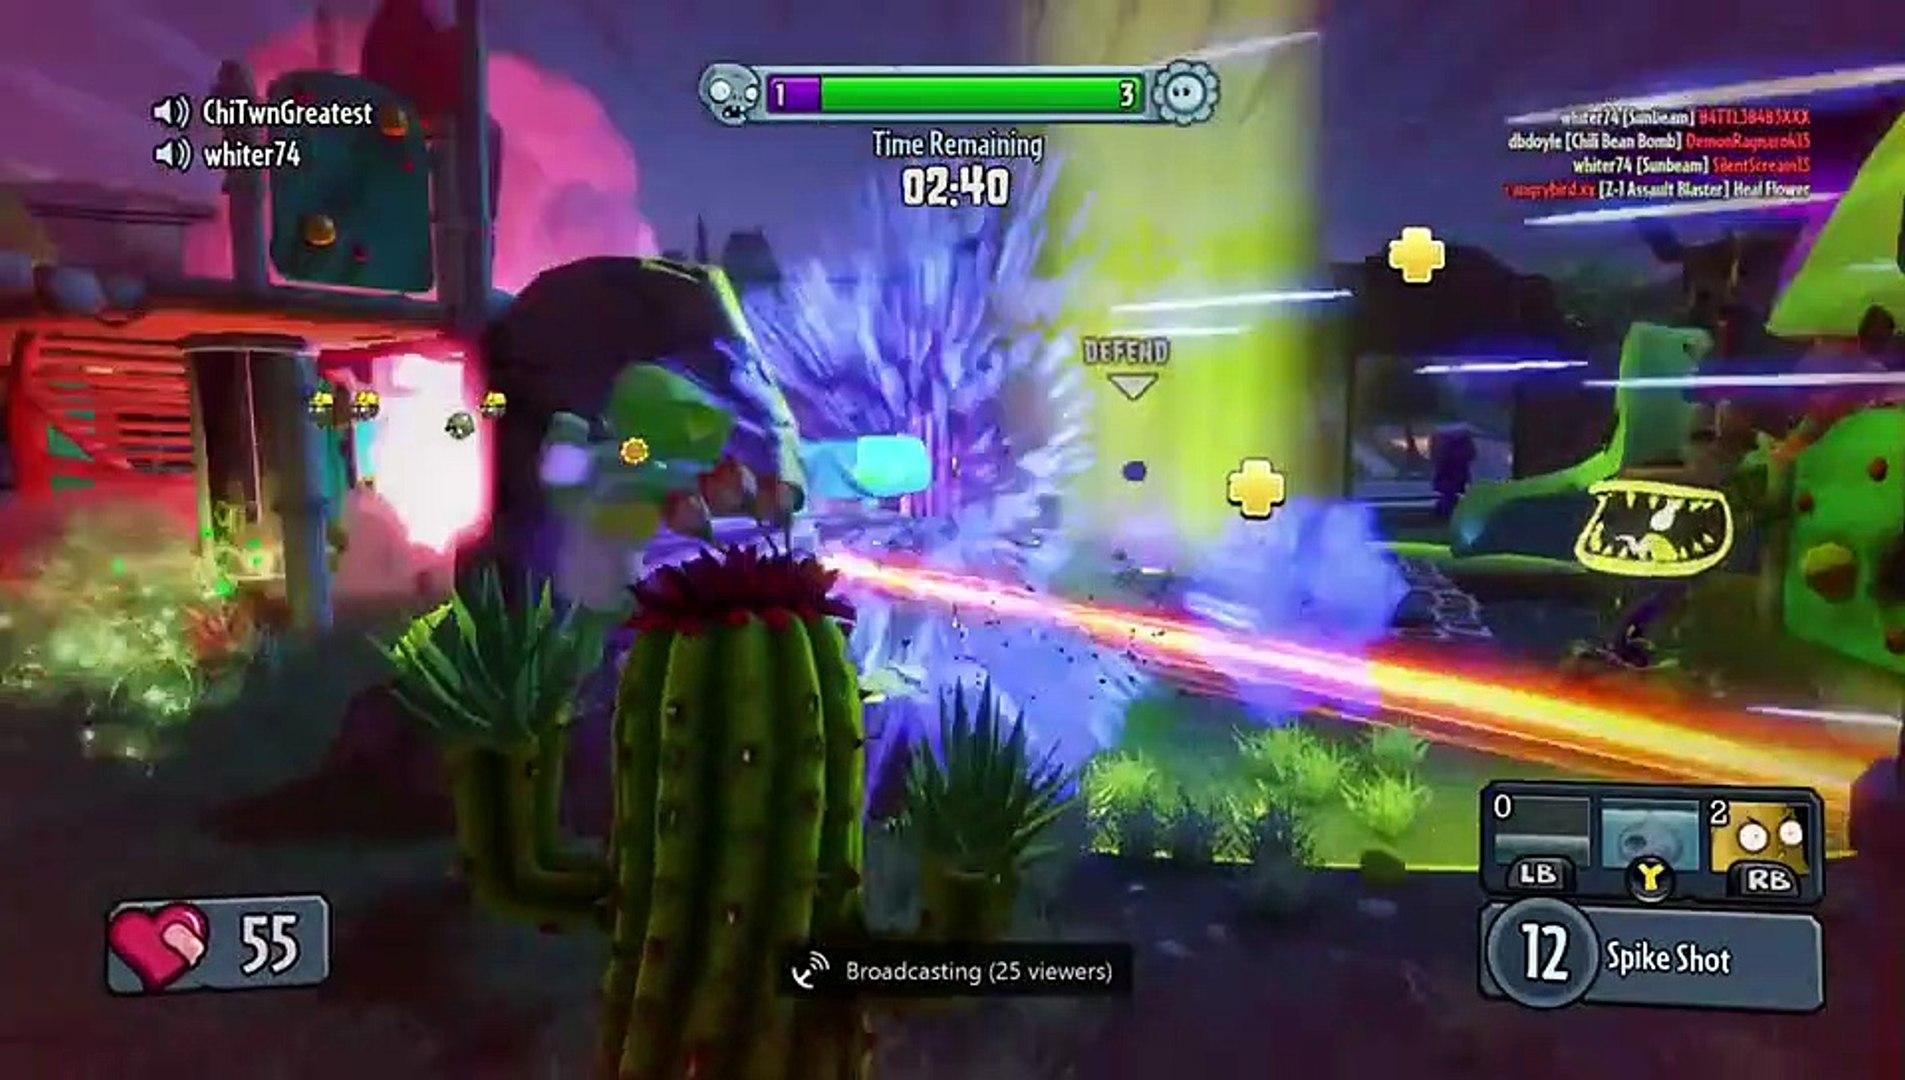 Xbox One - Tutorial Twitch